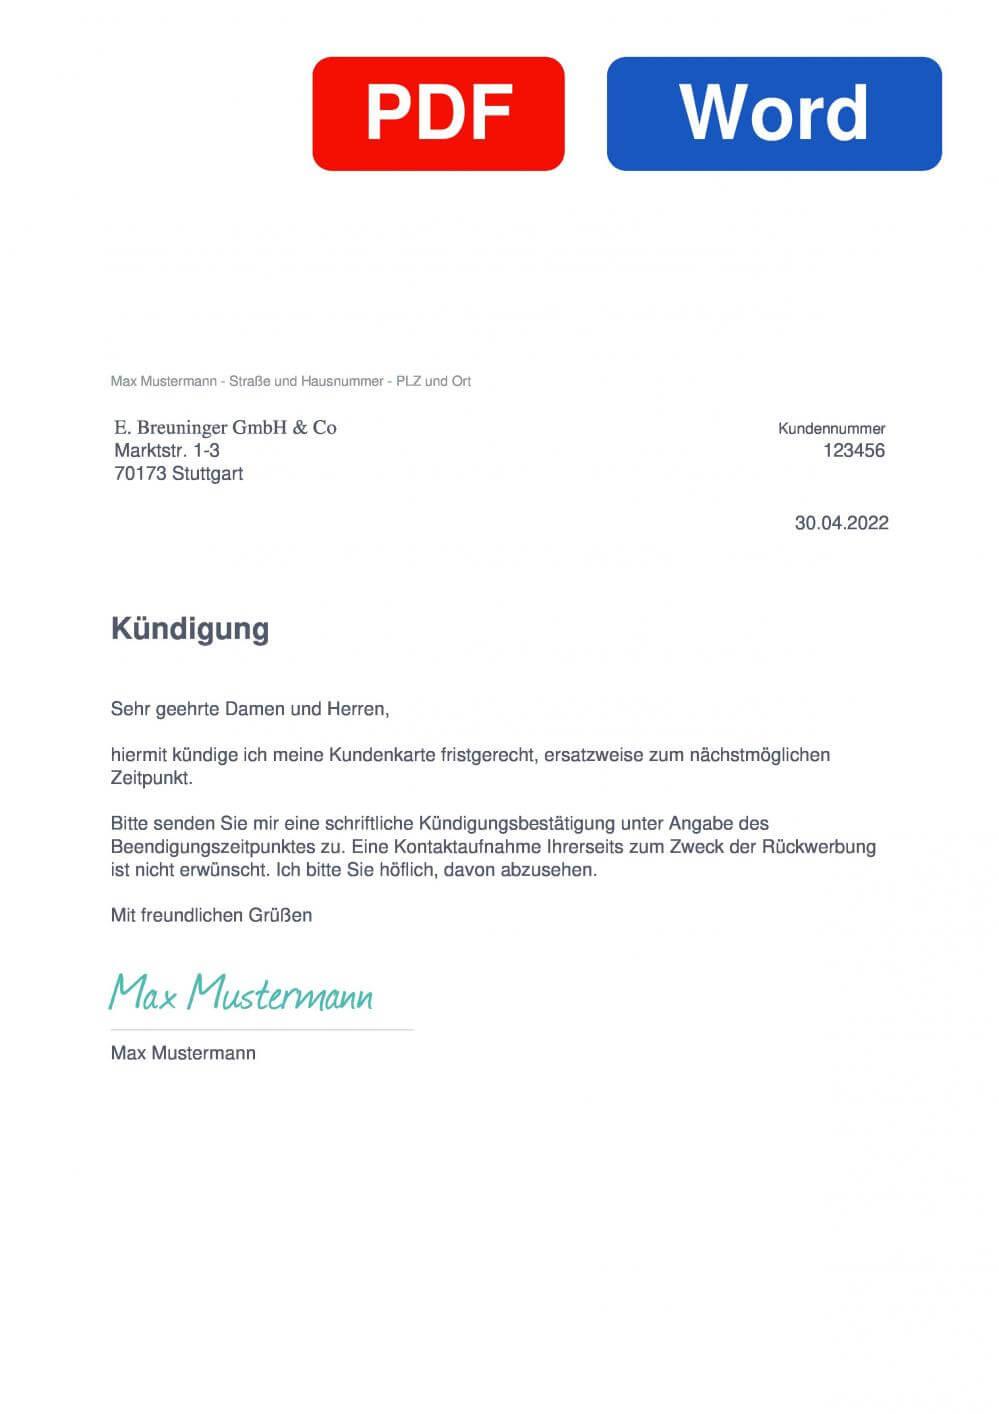 breuninger card Muster Vorlage für Kündigungsschreiben